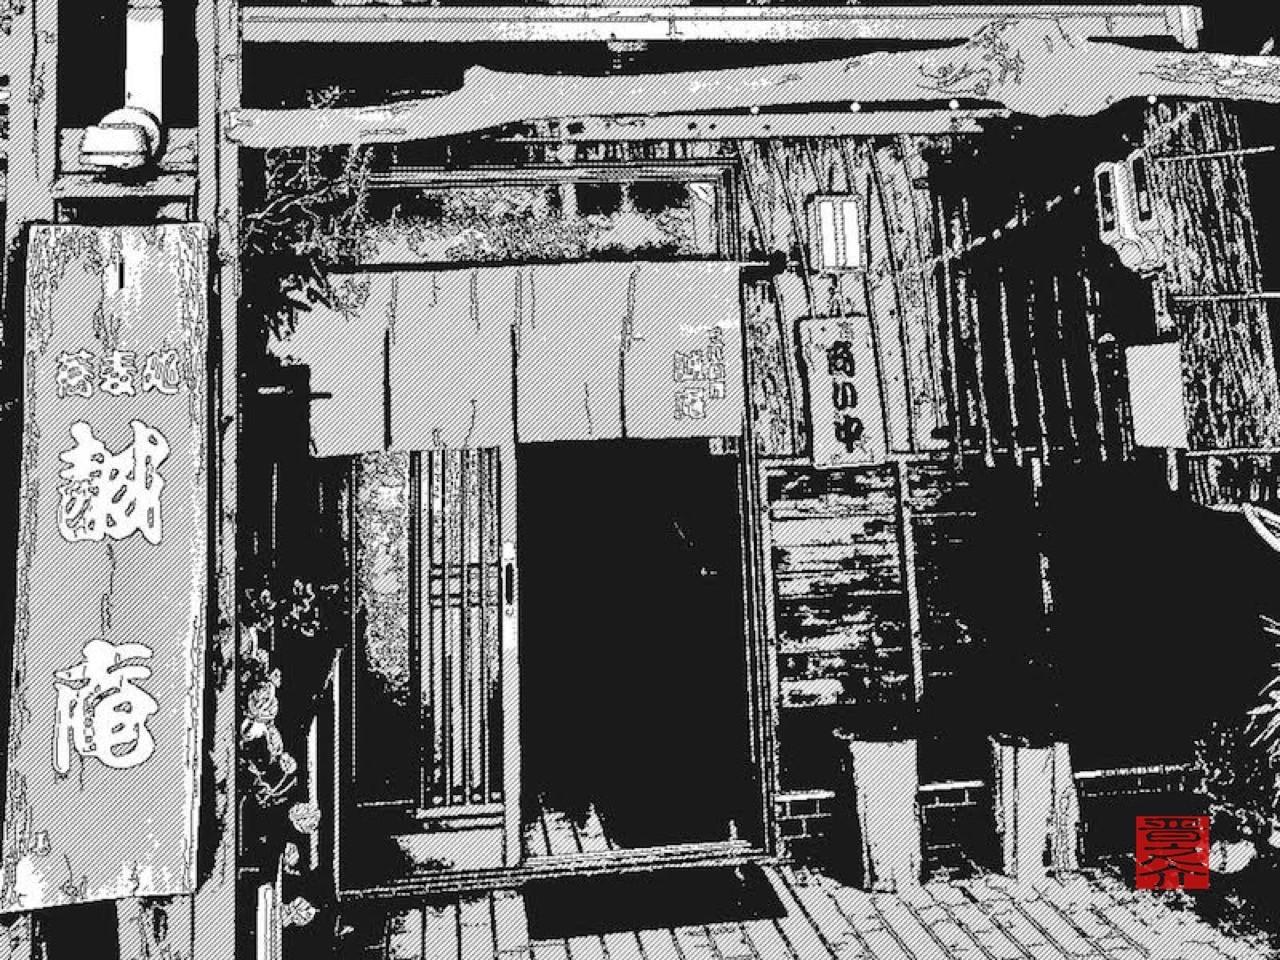 国道一号線そばの住宅地に古民家の趣の蕎麦屋さん|靴を脱ぎ畳の部屋でいただく田舎蕎麦と豊富な献立|誠庵